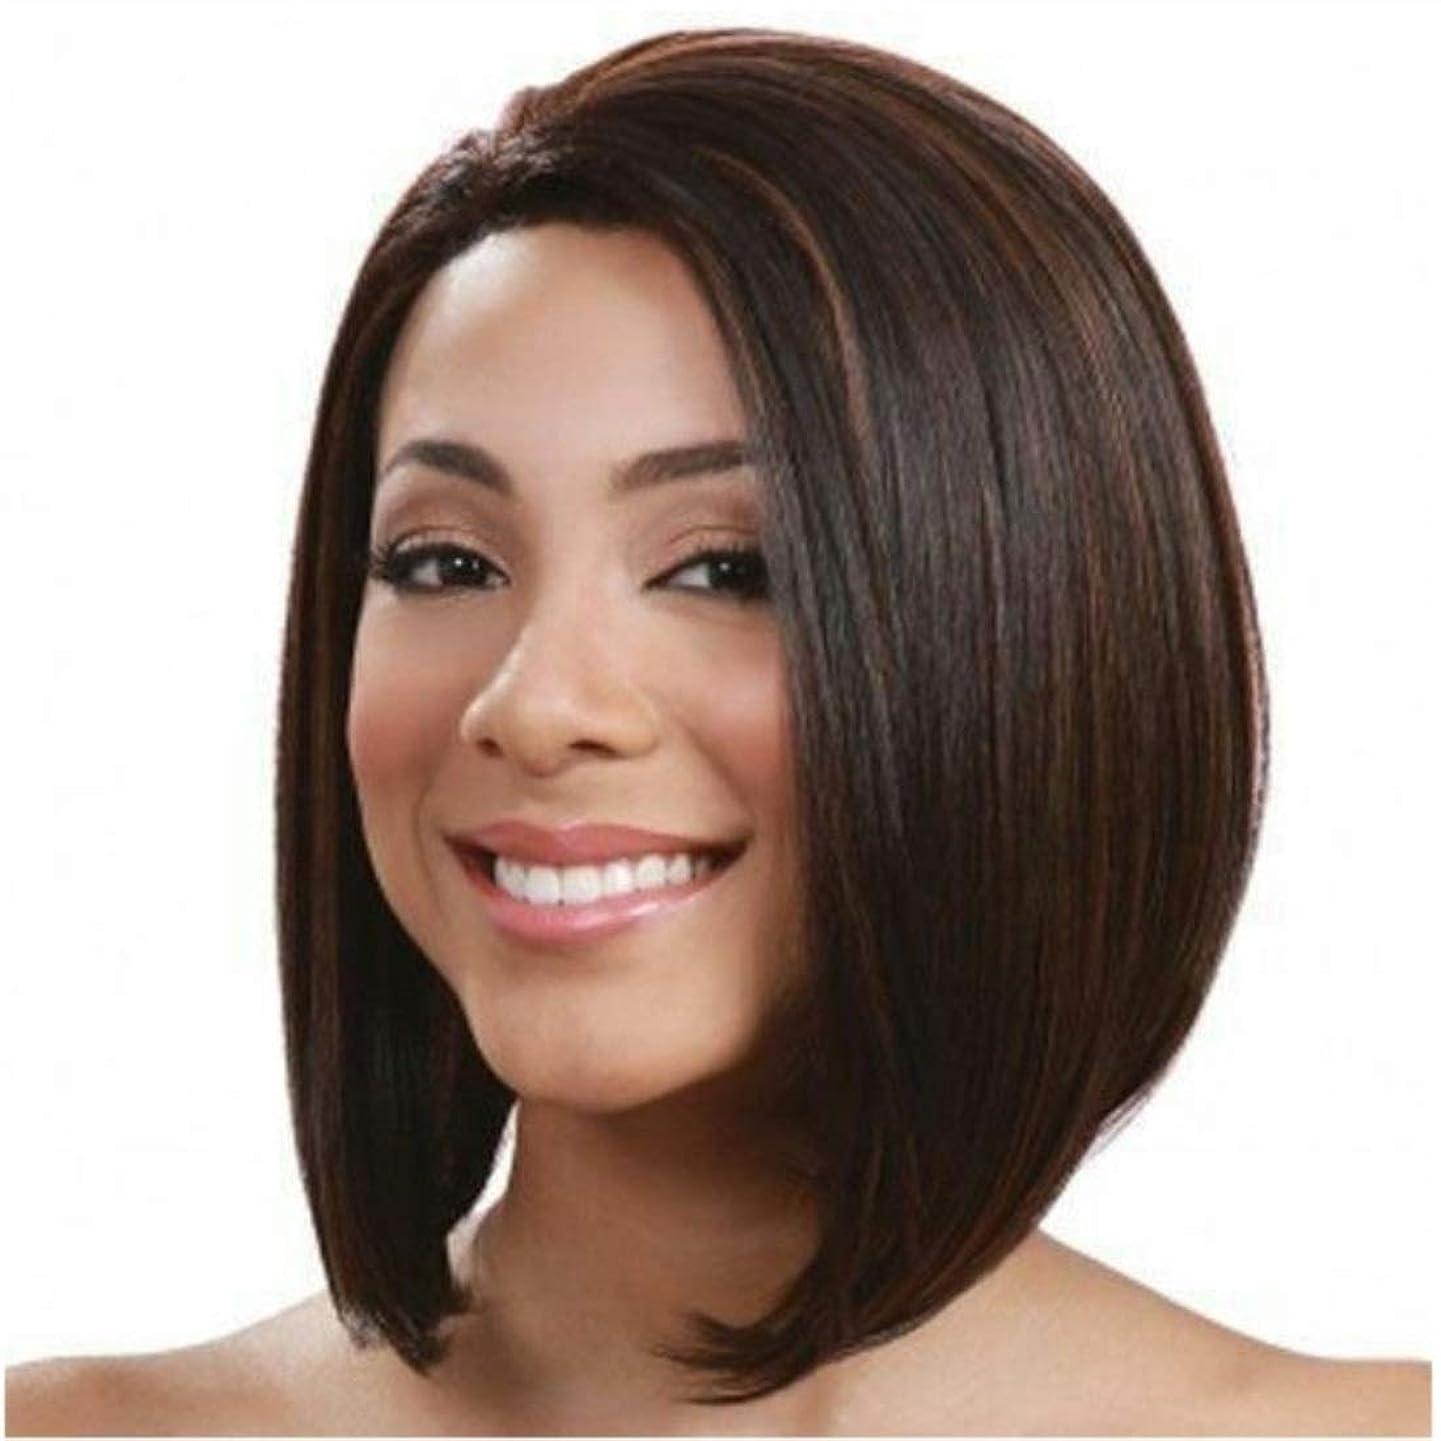 娯楽リーダーシップ郵便局Summerys 前髪合成耐熱性女性のヘアスタイルと短いふわふわボブ変態ストレートヘアウィッグ (Color : Navy brown)